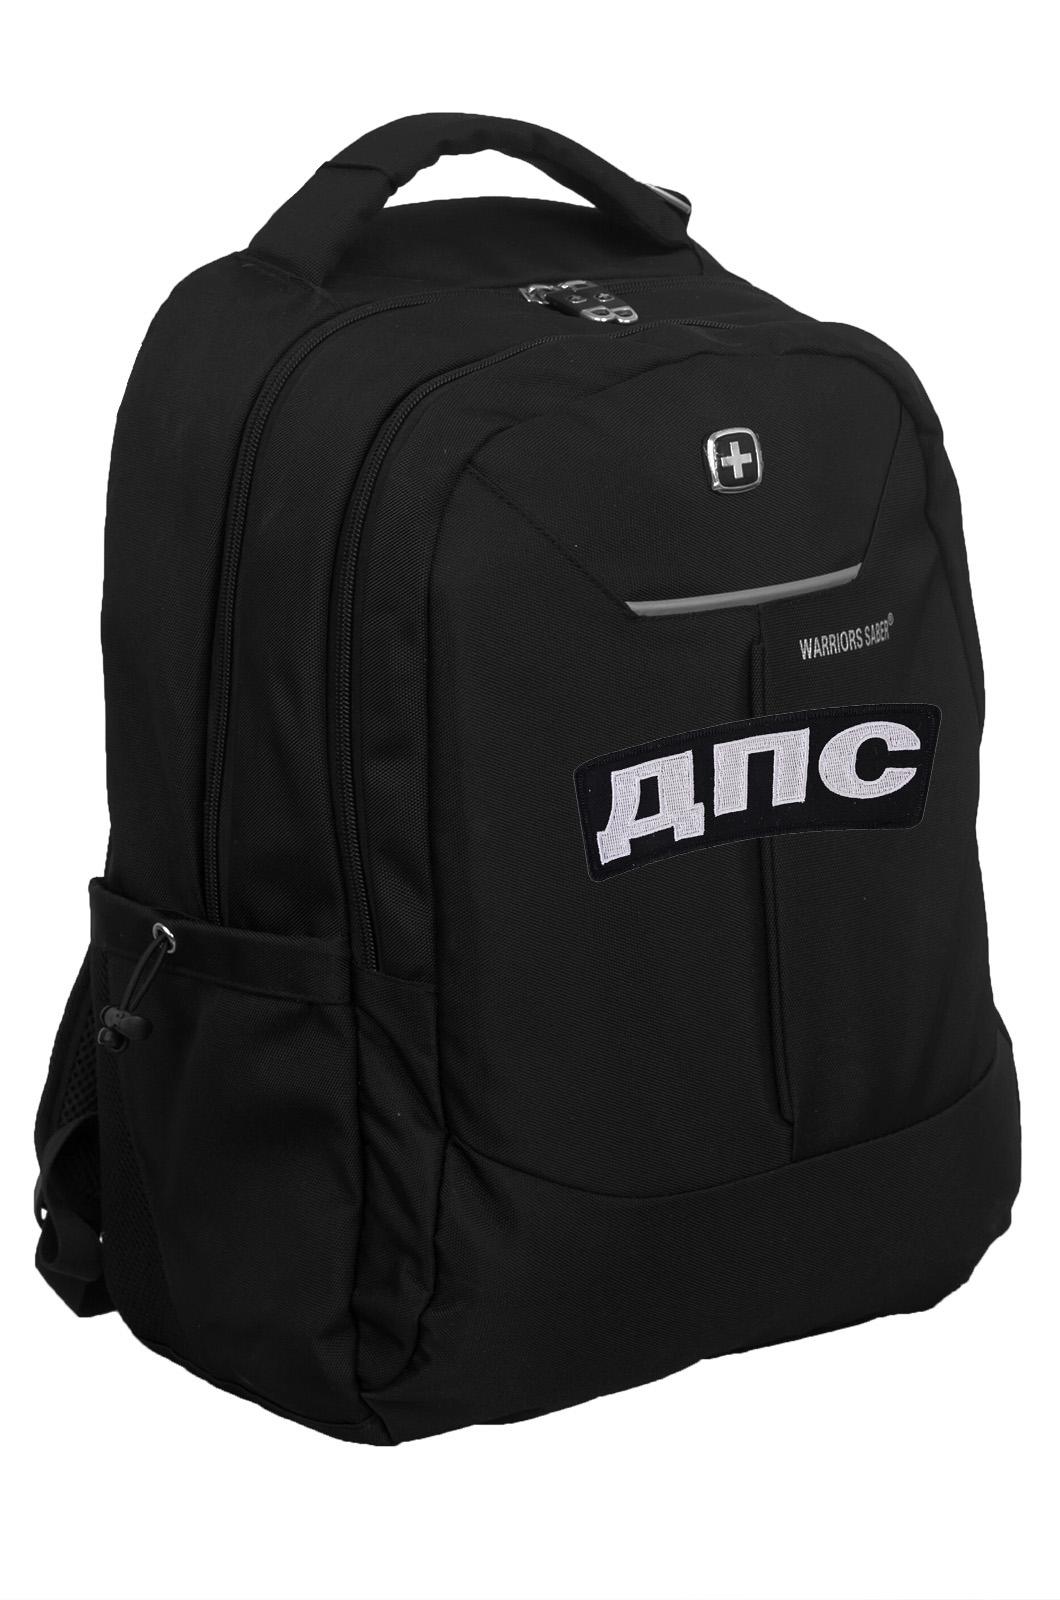 Стильный городской рюкзак с нашивкой ДПС - заказать онлайн